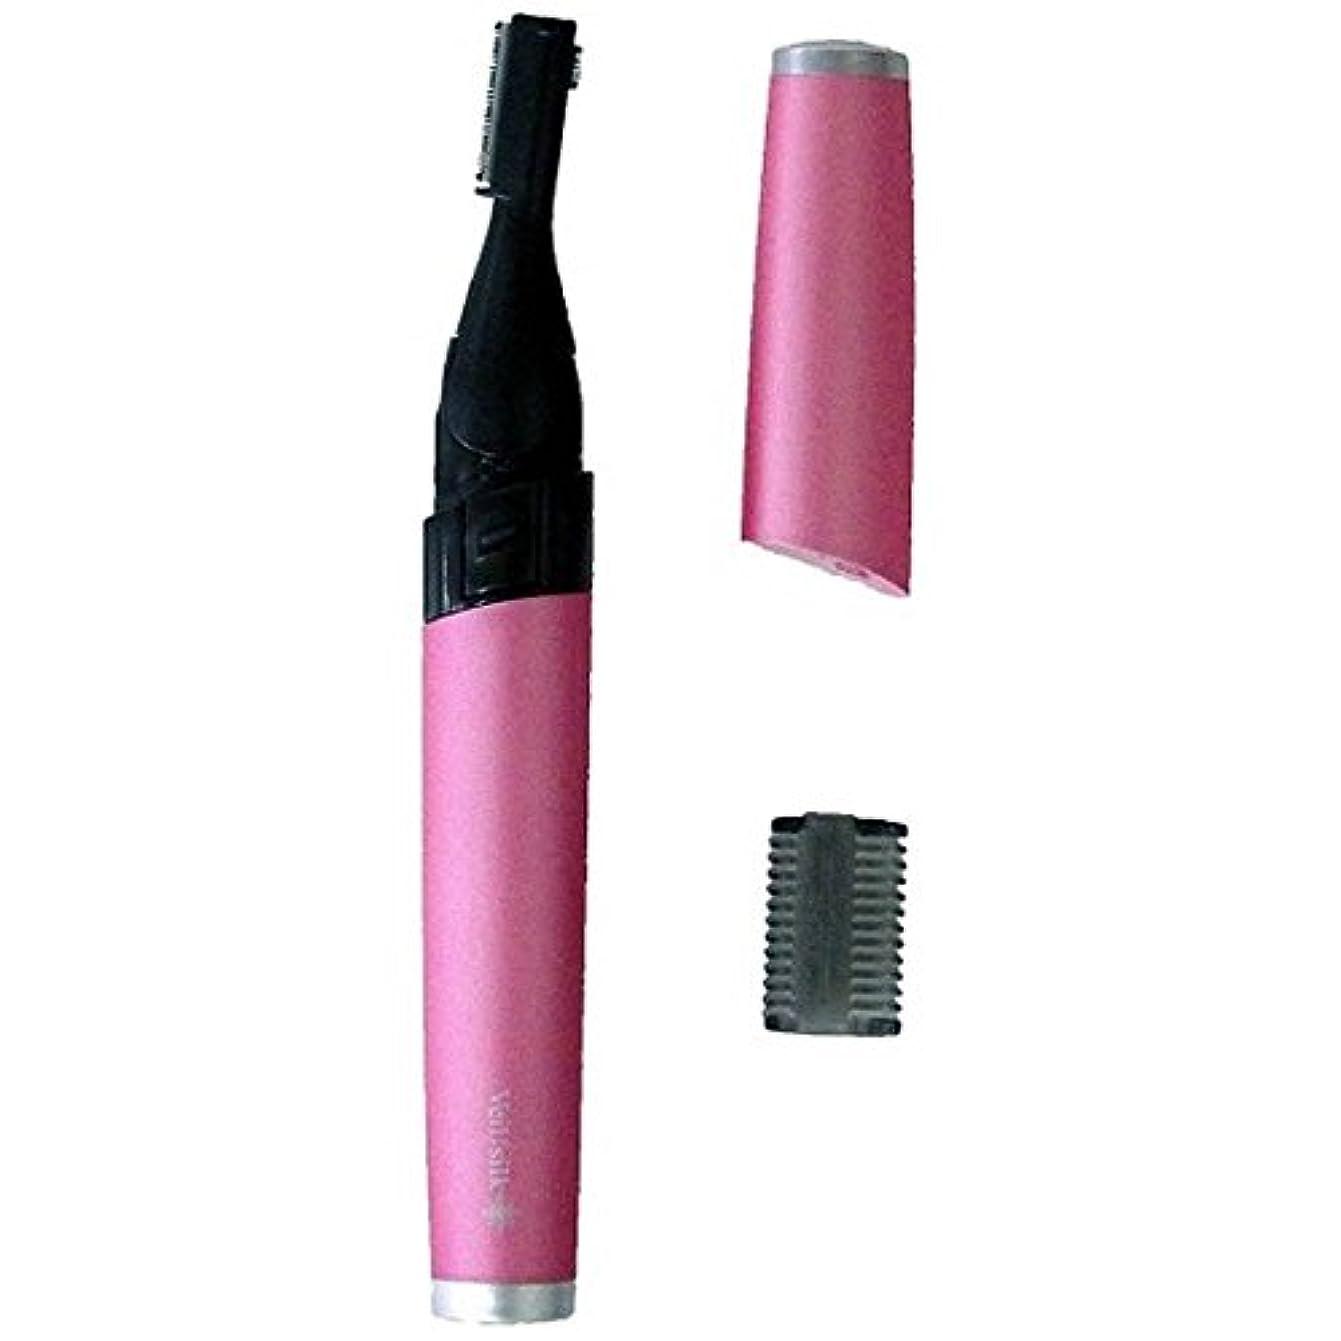 拡声器私たち平衡イズミ フェイスシェーバー (ピンク)IZUMI Veil:silk(ヴェルシルク) GR-AF127-P